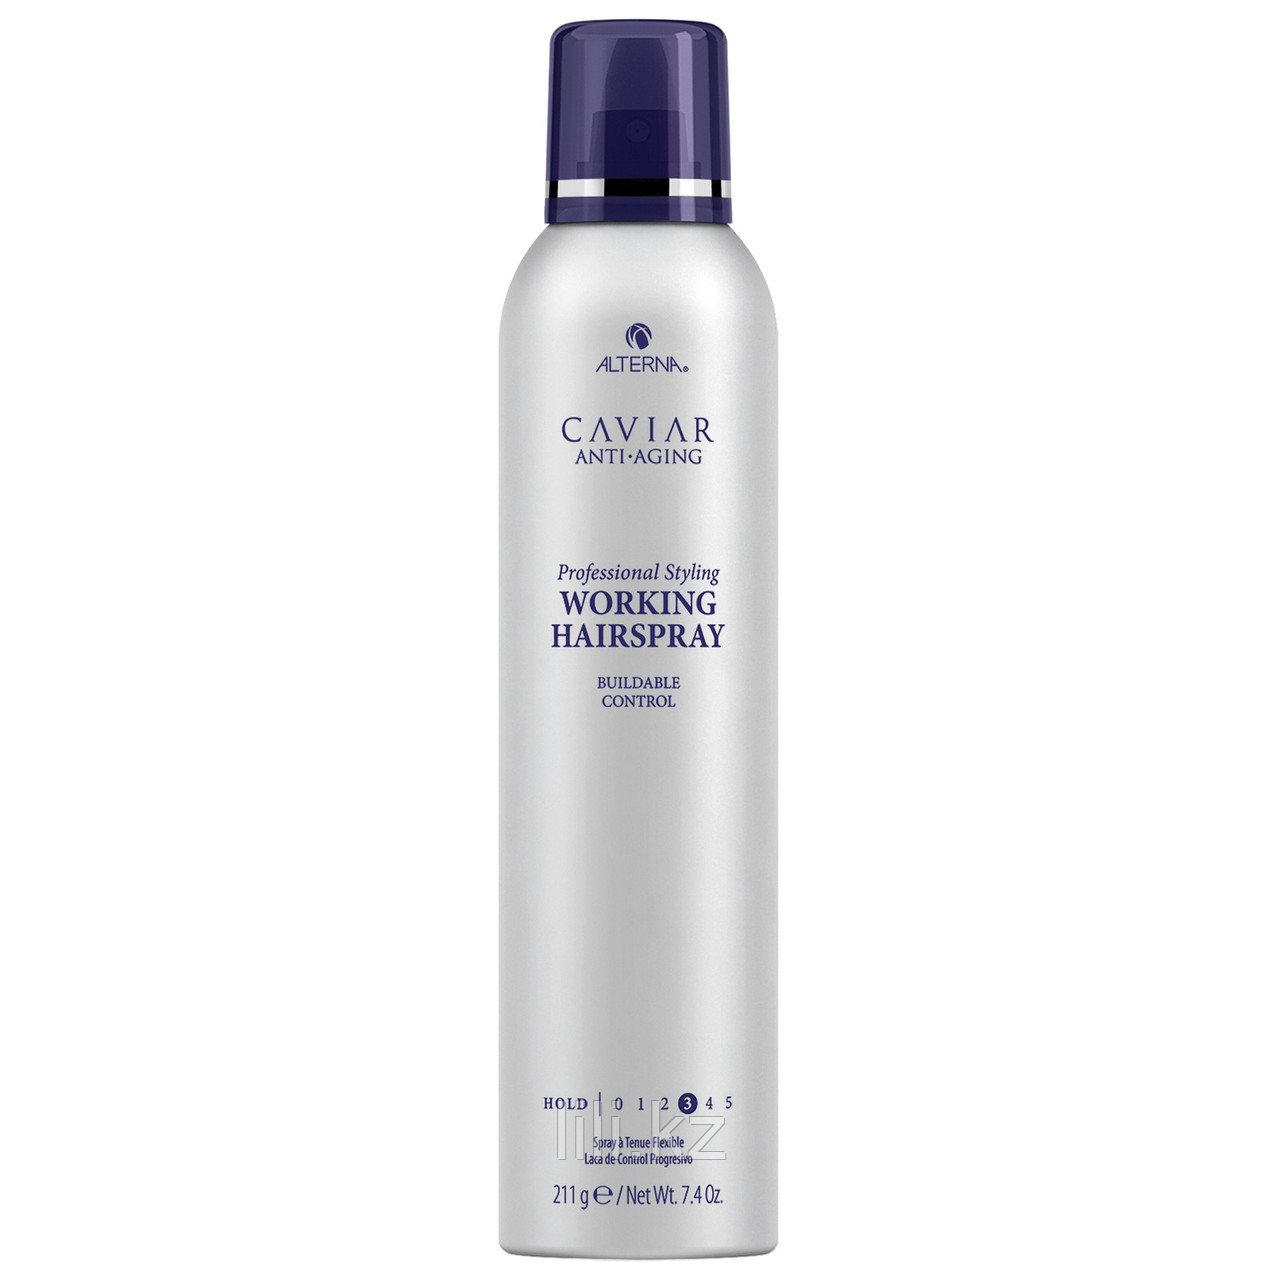 Лак подвижной фиксации с антивозрастным уходом Alterna Caviar Anti-Aging Working Hair Spray 211 мл.